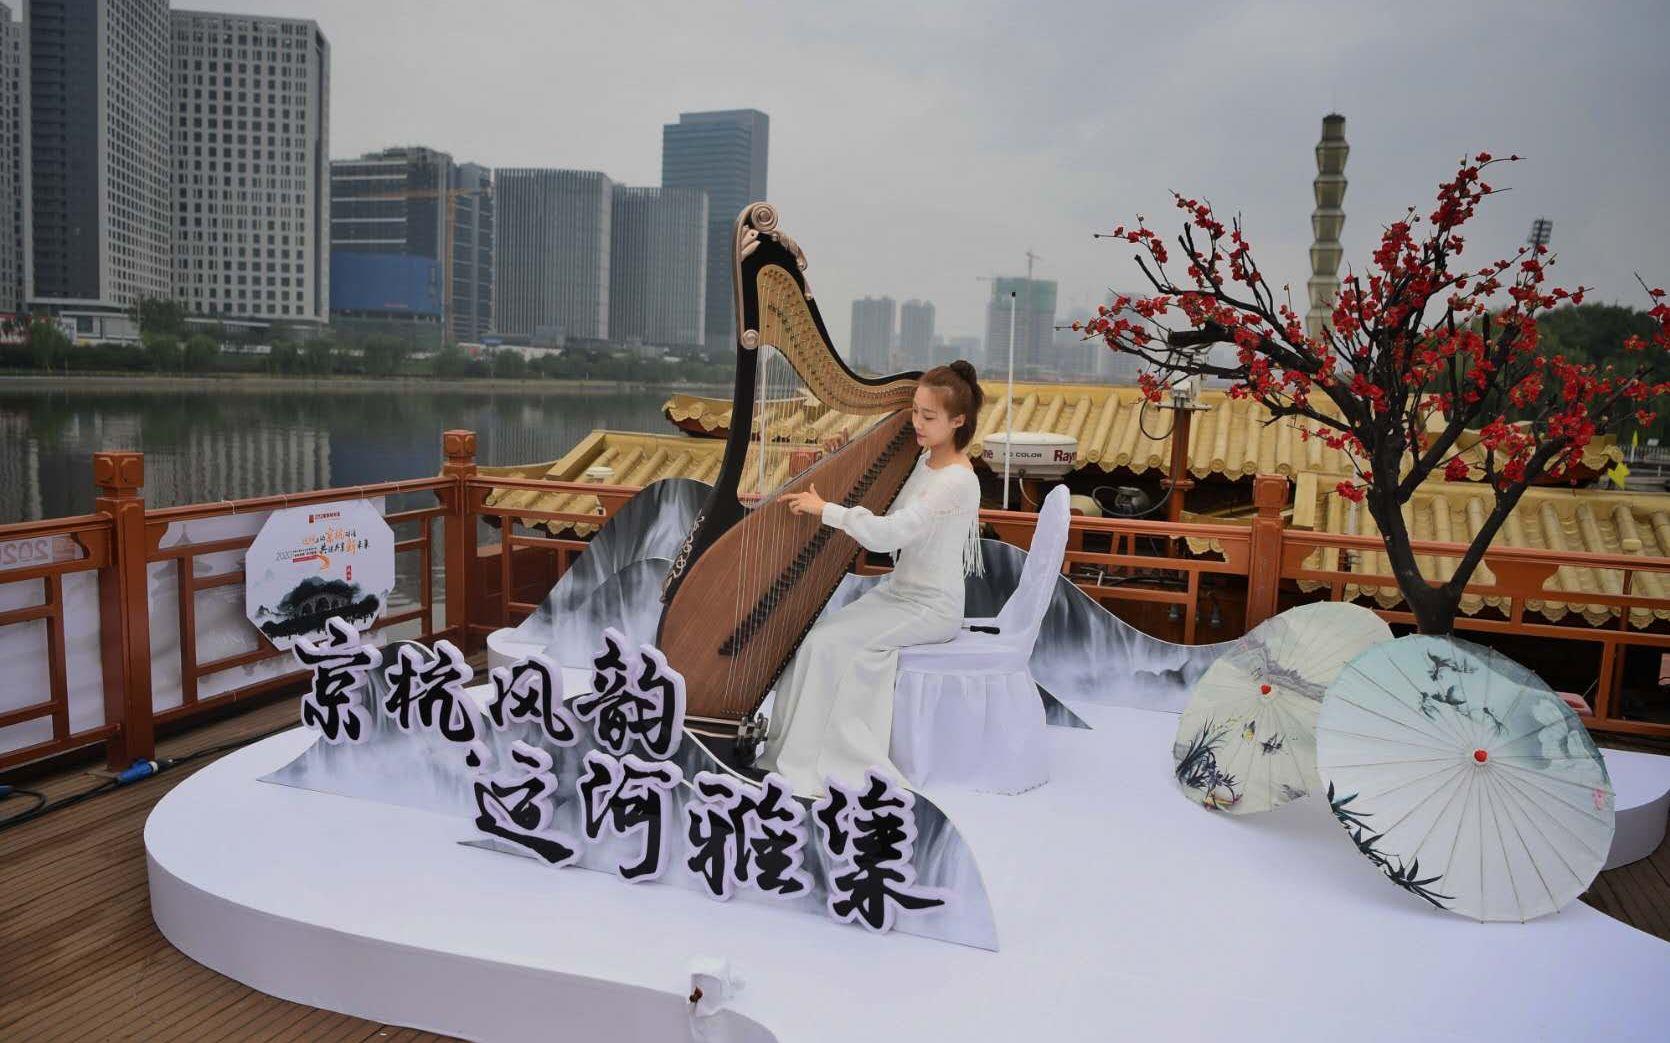 """京杭两地艺术家河上对话,""""京杭风韵""""运河雅集起航图片"""